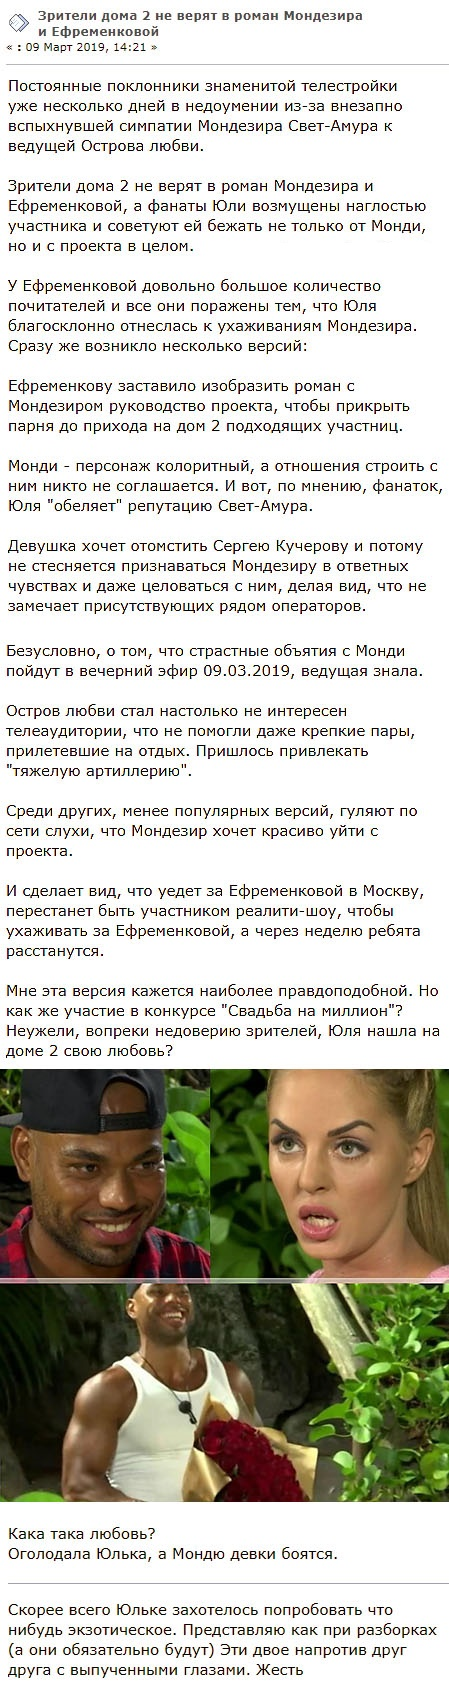 Телезрители вывели Юлию Ефременкову на чистую воду